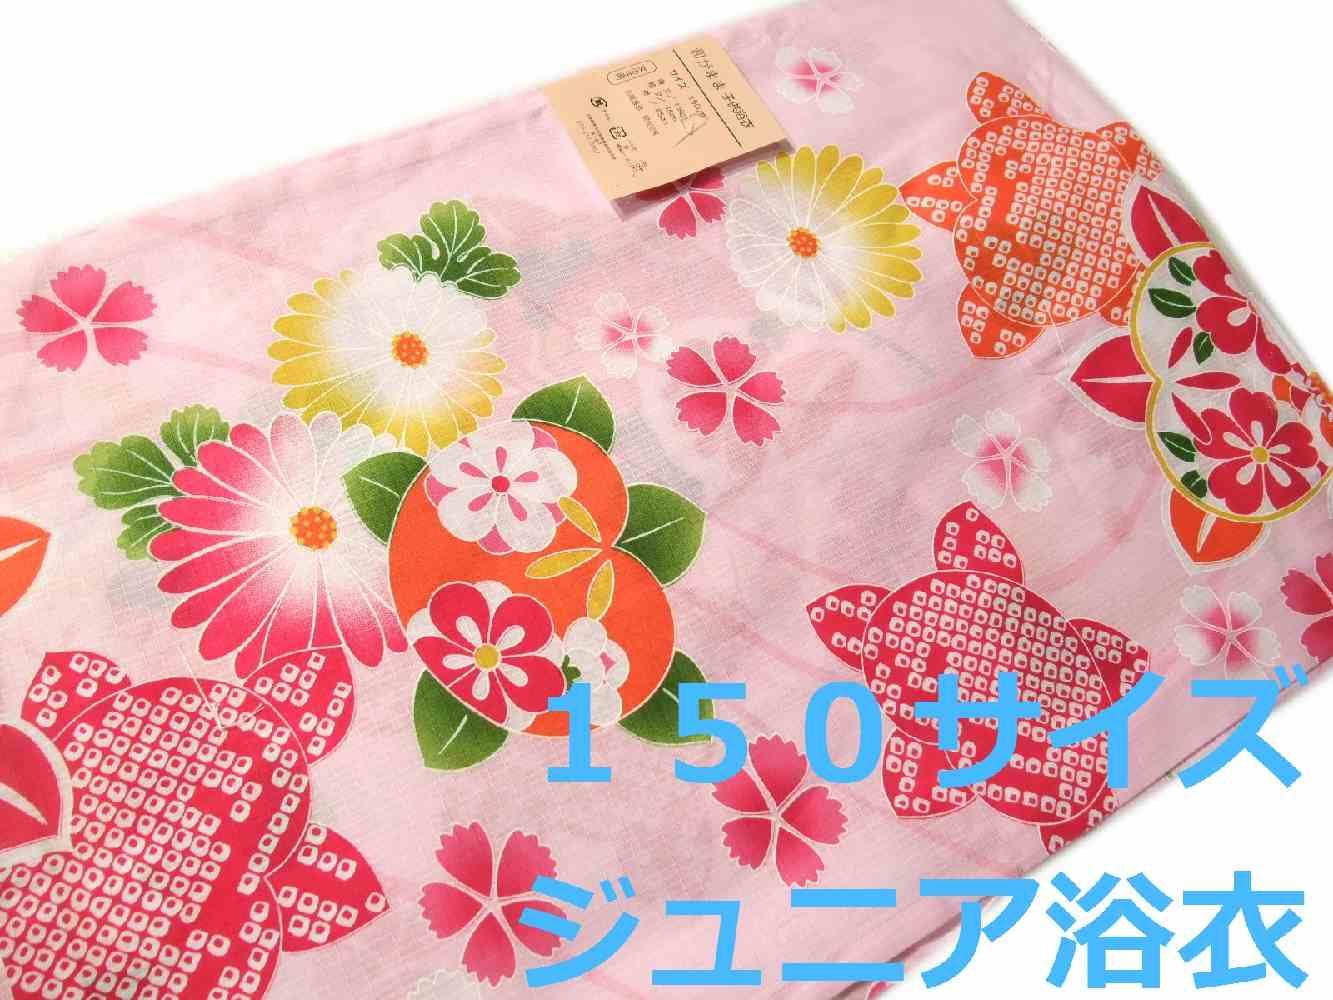 浴衣 ハイジュニア お仕立て上がり浴衣 150cm ピンク 花柄 新品 yk1015